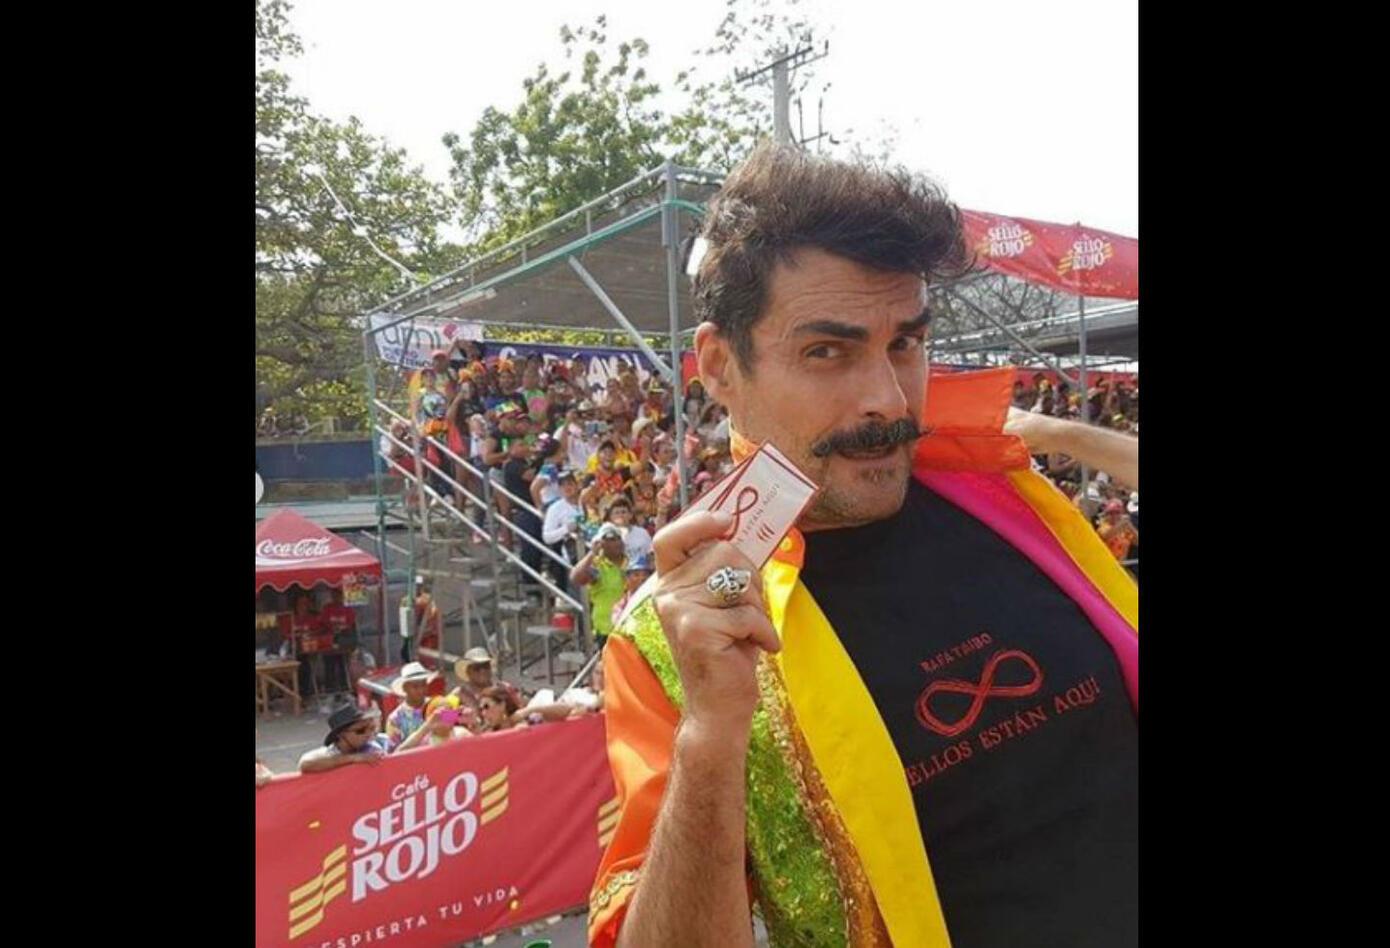 Rafael Taibo en el Carnaval de Barranquilla